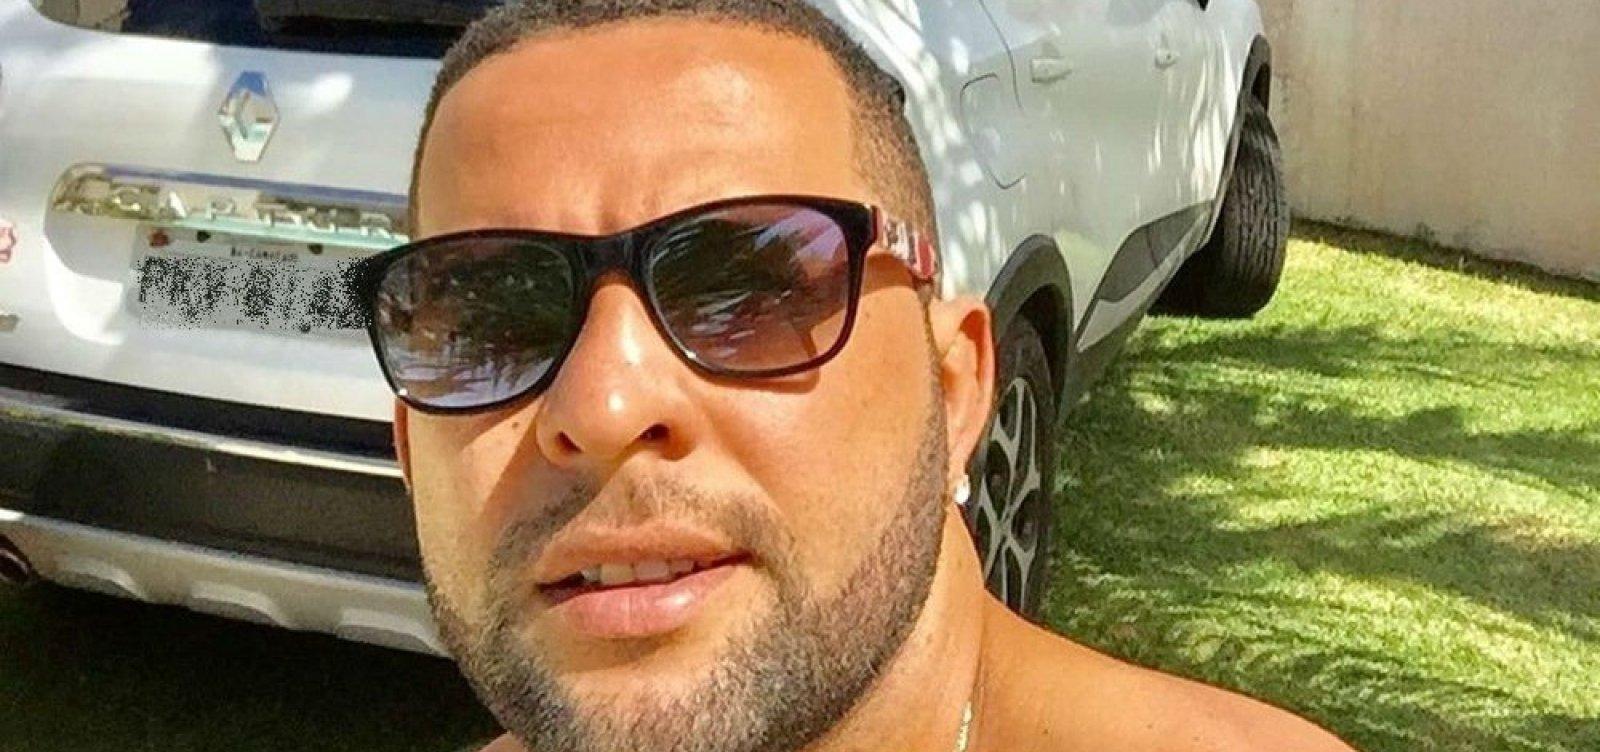 Camaçari: Polícia identifica três suspeitos de ataque contra homem que beijou companheiro